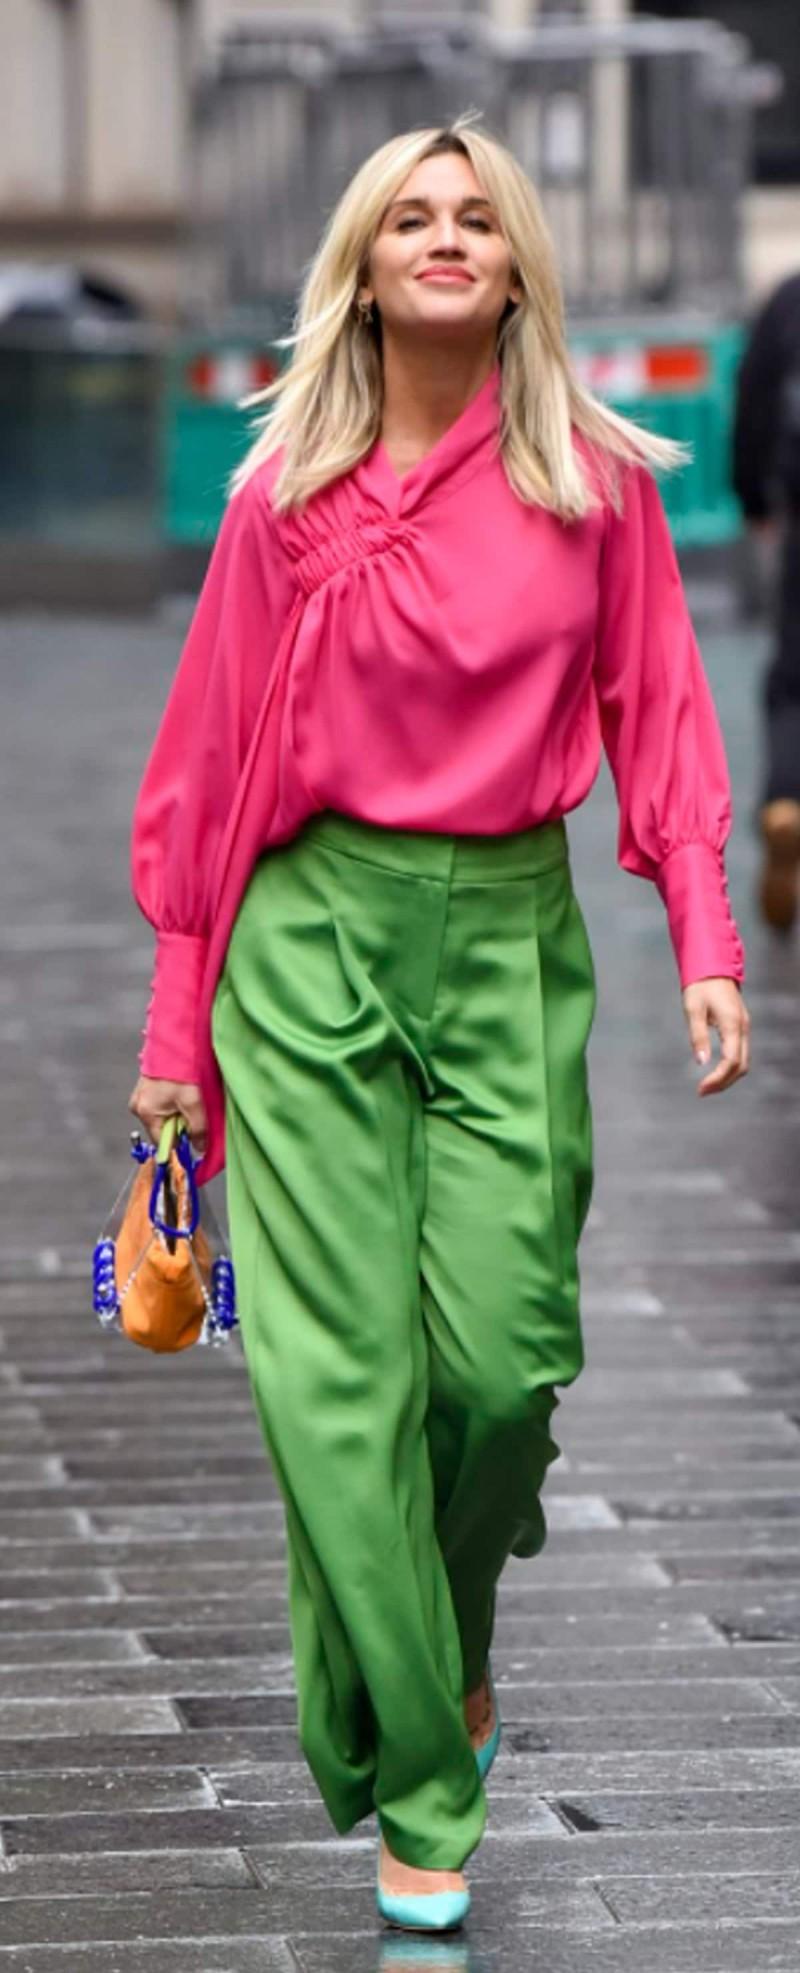 φούξια και πράσινο στο street style